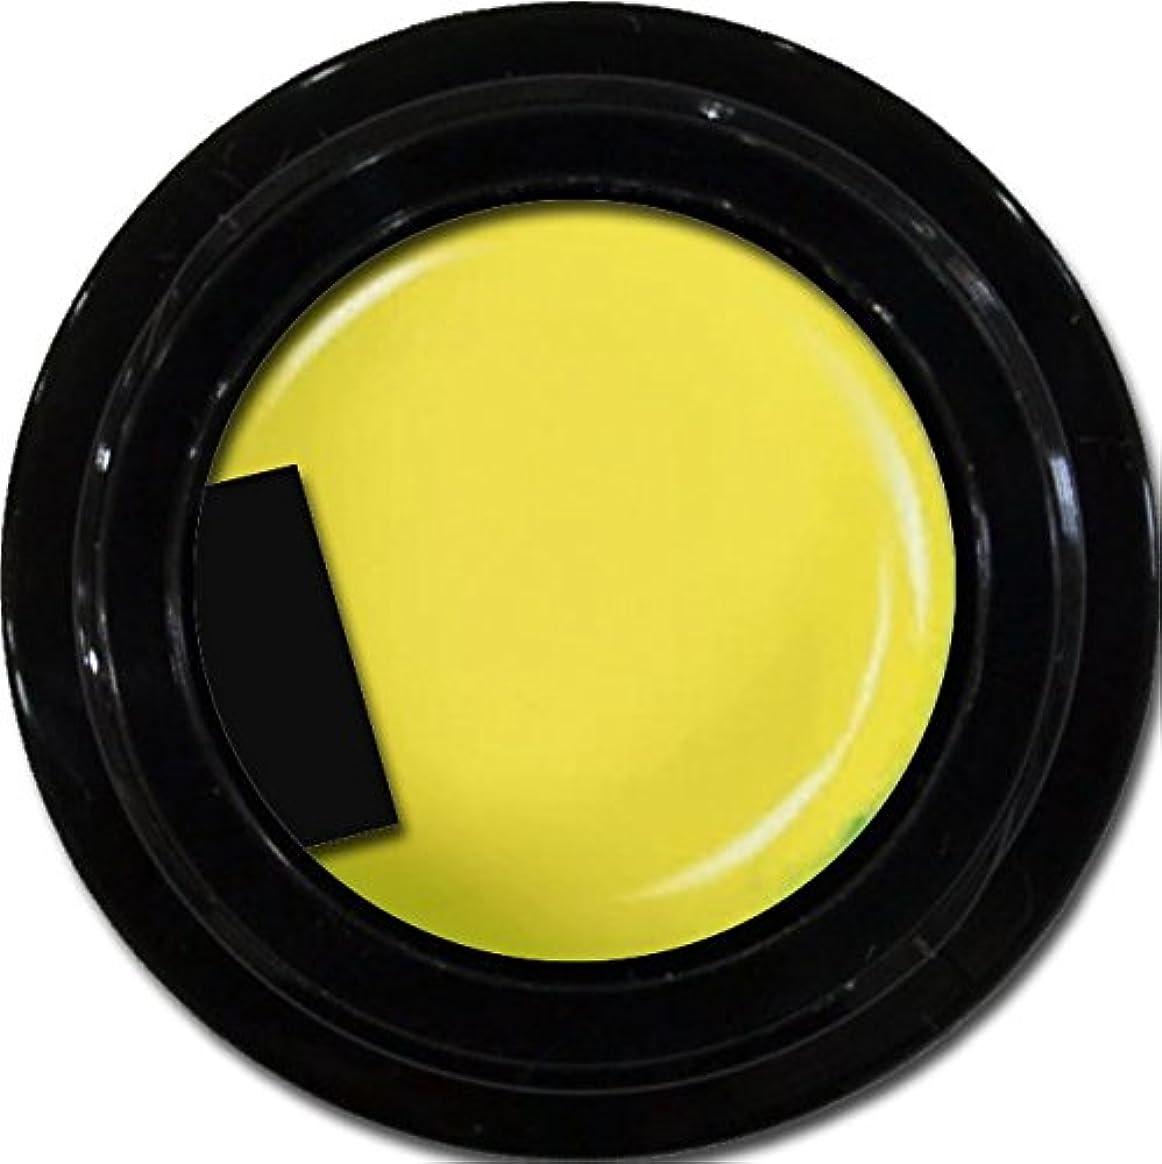 実装するパーセント正確さカラージェル enchant color gel M602 MoroccoYellow 3g/ マットカラージェル M602 モロッコイエロー 3グラム